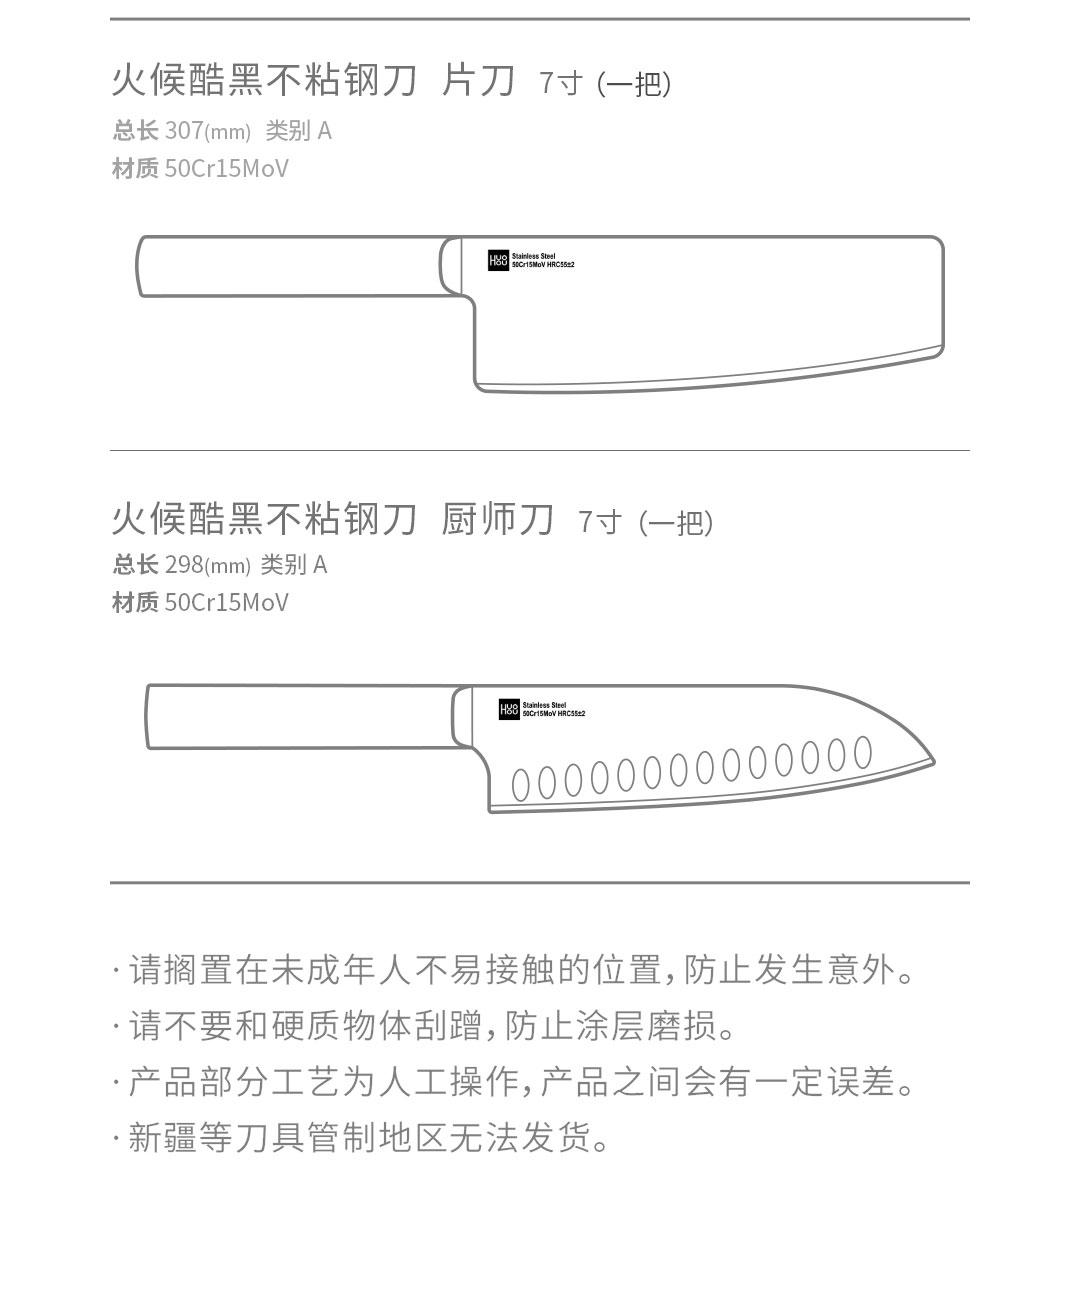 火候 酷黑不粘钢刀组合 中高端钼钒钢材料制作 图20